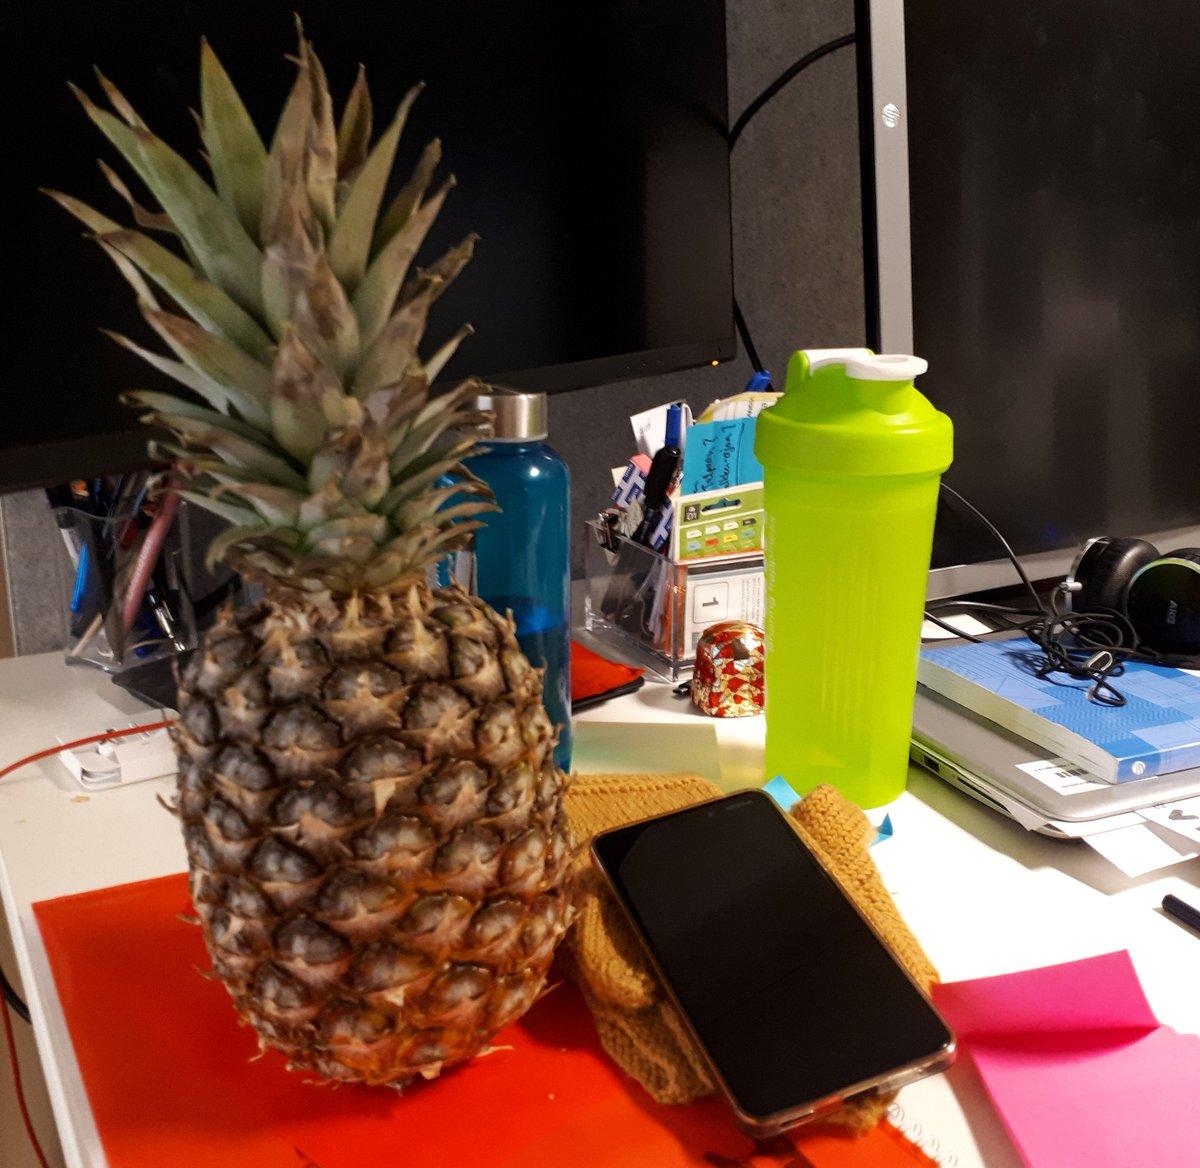 Työpöydällä toimistotarvikkeita sekä tuore ananas.